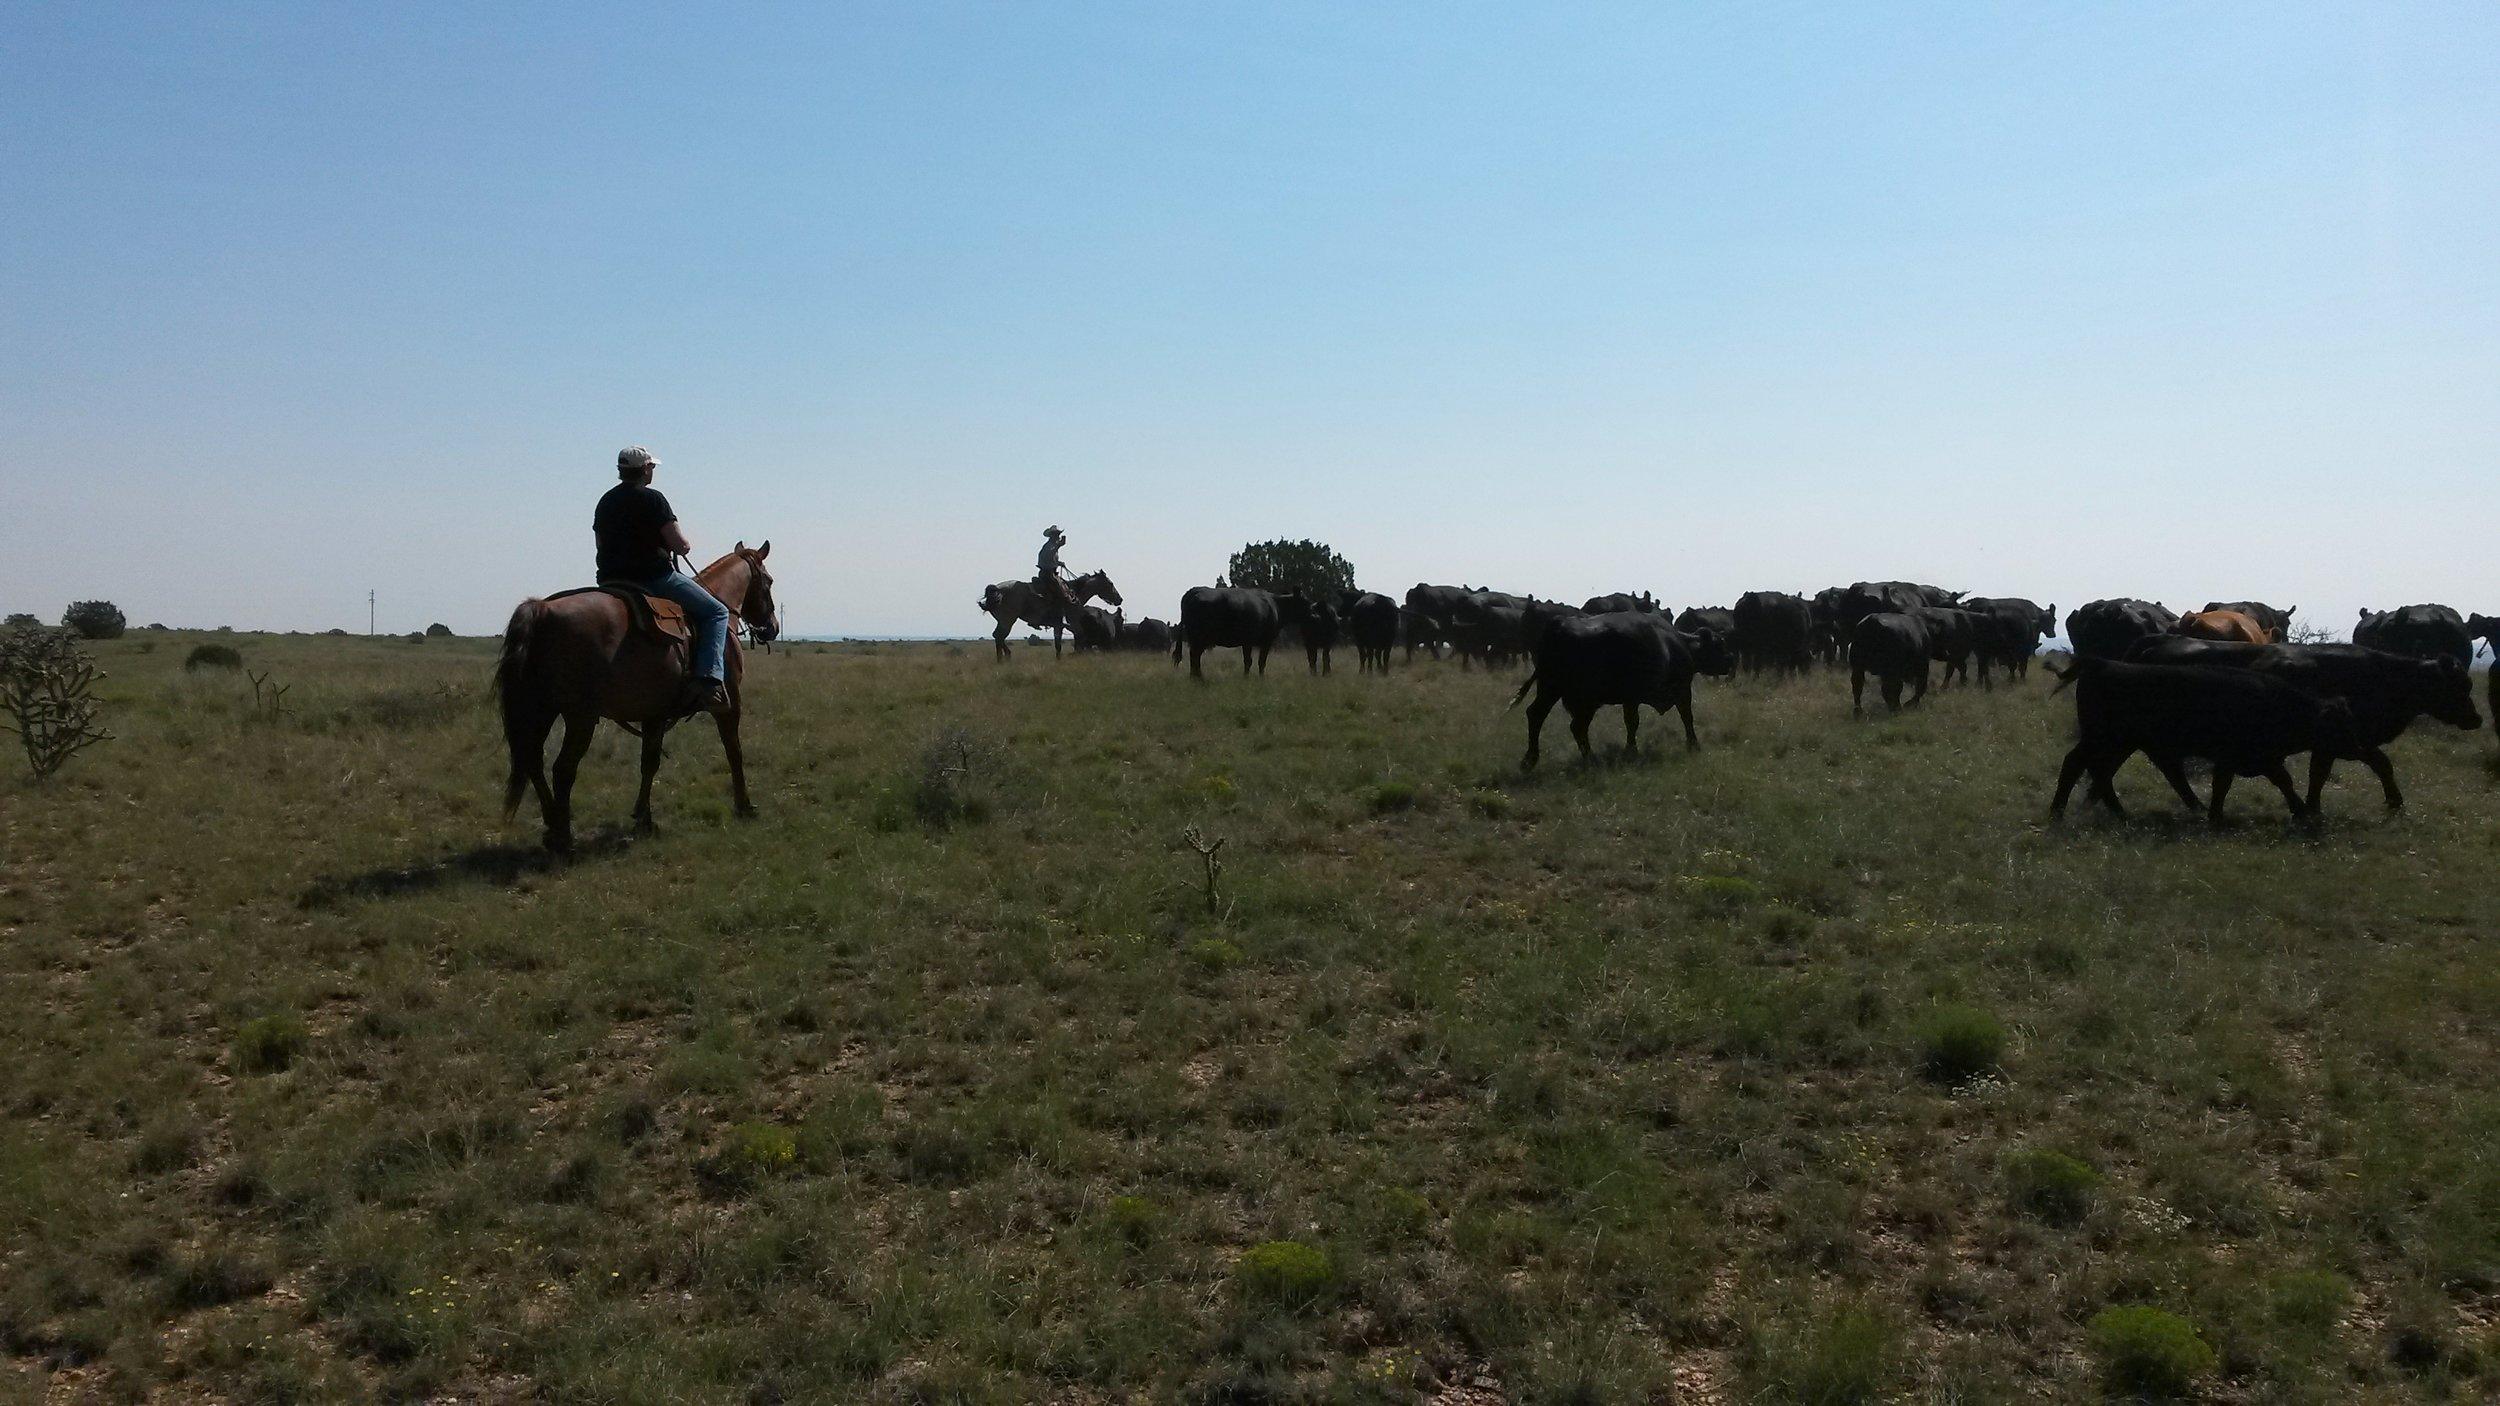 Birgit on Butch is doing a good job driving the cattle.  Birgit auf Butch macht gute Arbeit beim Rindertreiben.